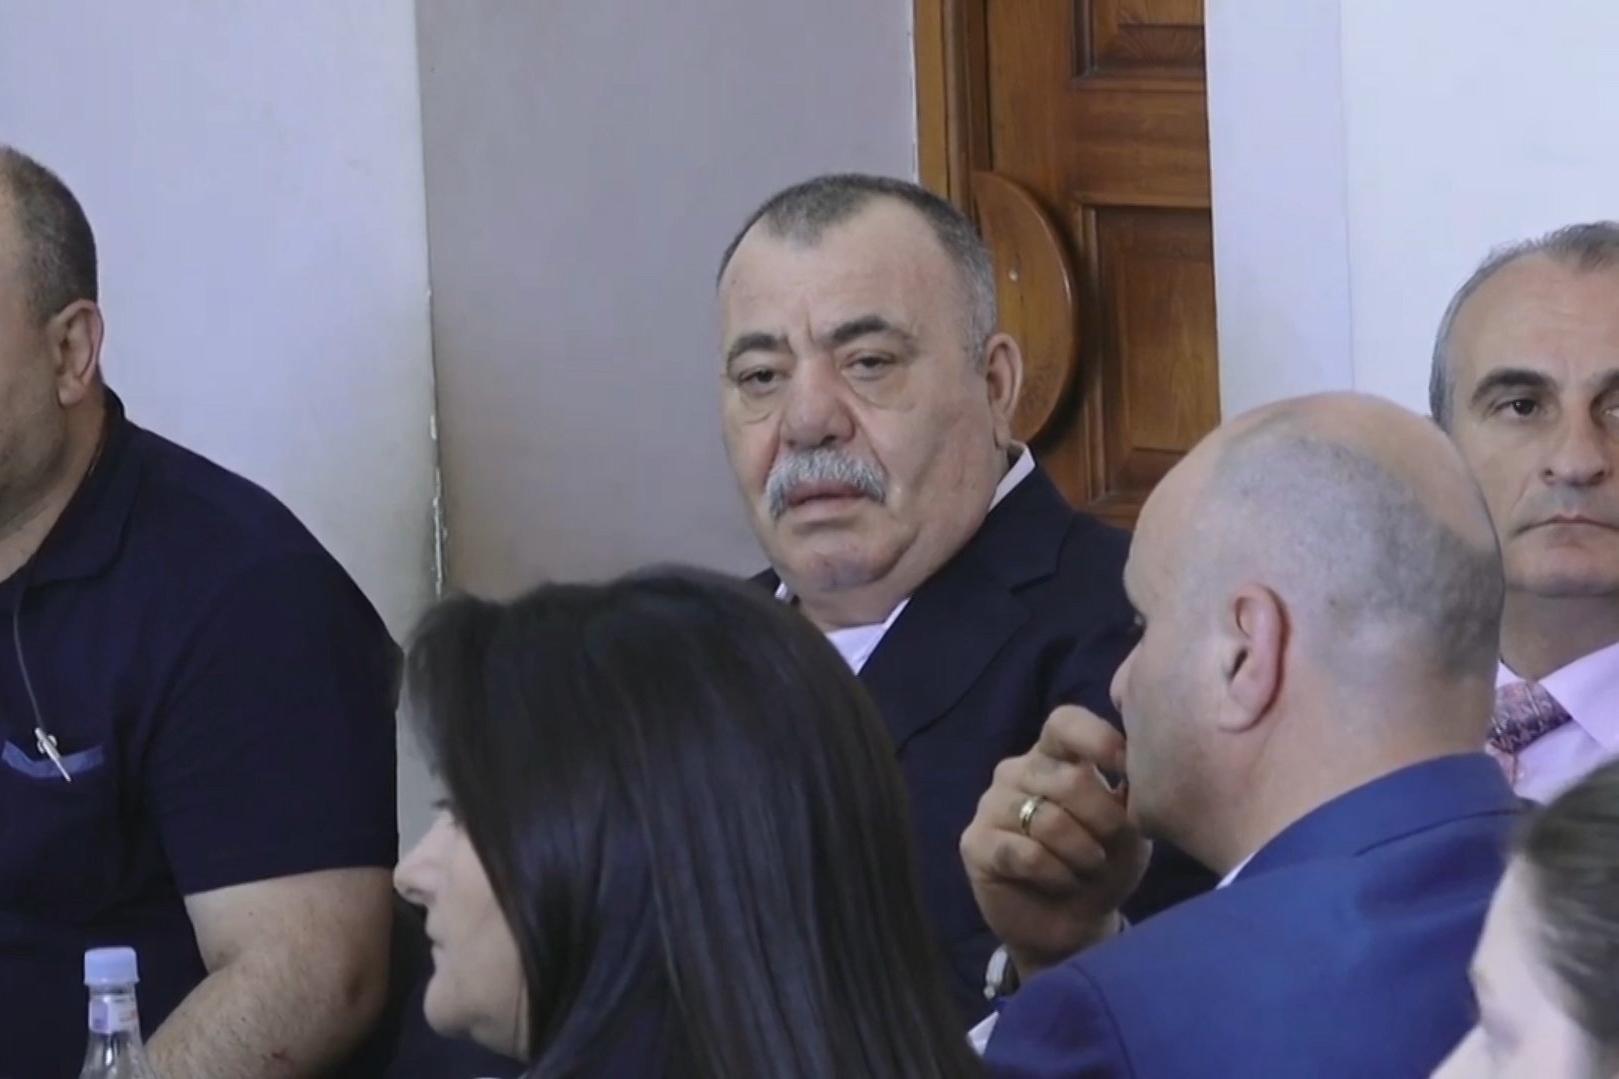 Դատարանը մերժեց Մանվել Գրիգորյանի խափանման միջոց կալանքը փոխելու միջնորդությունը